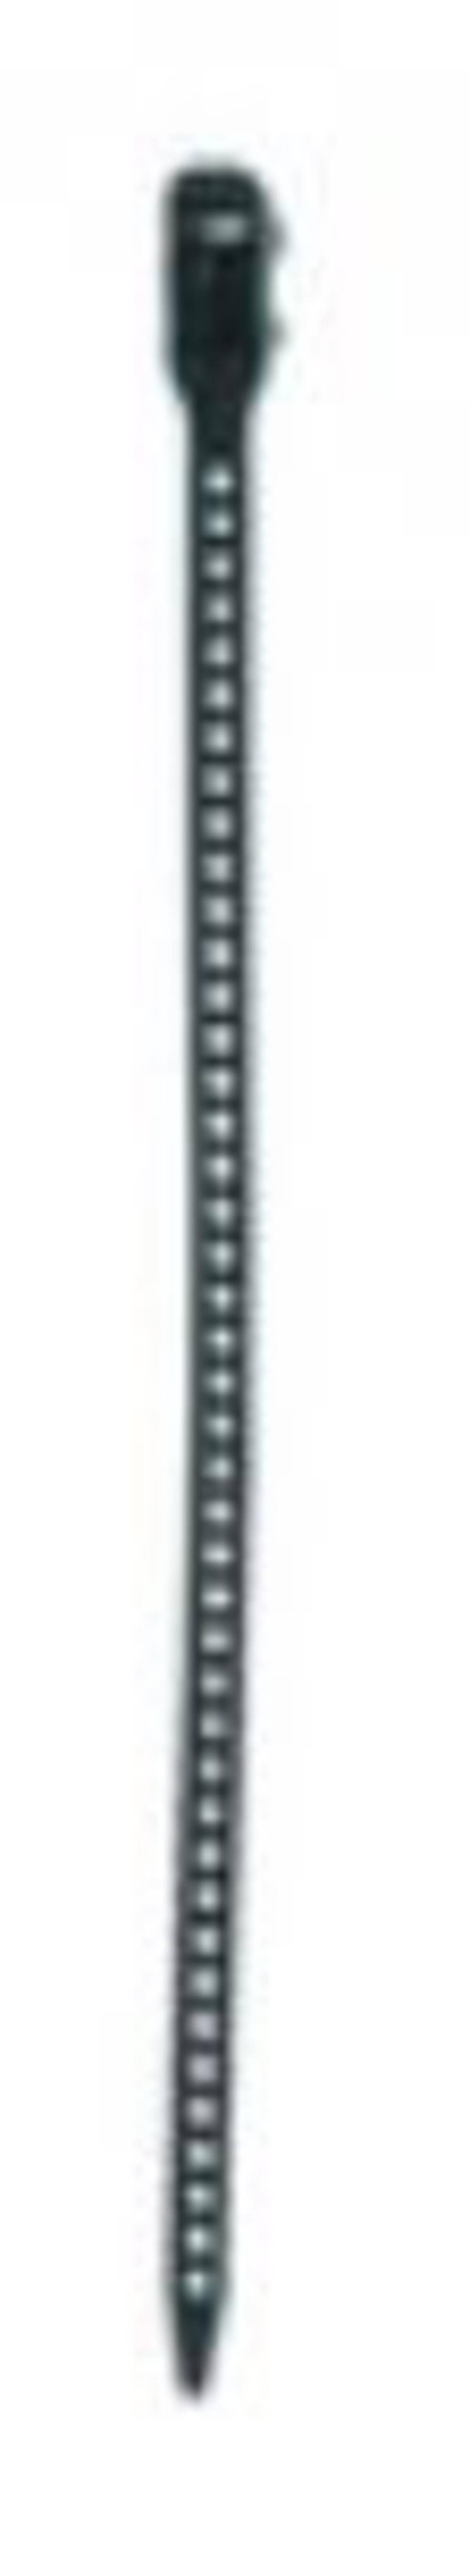 Kabelske vezice 180 mm črne barve, odvezljive, temperaturno stabilne, UV-stabilne, zelo fleksibilne,HellermannTyton 115-07189 SR